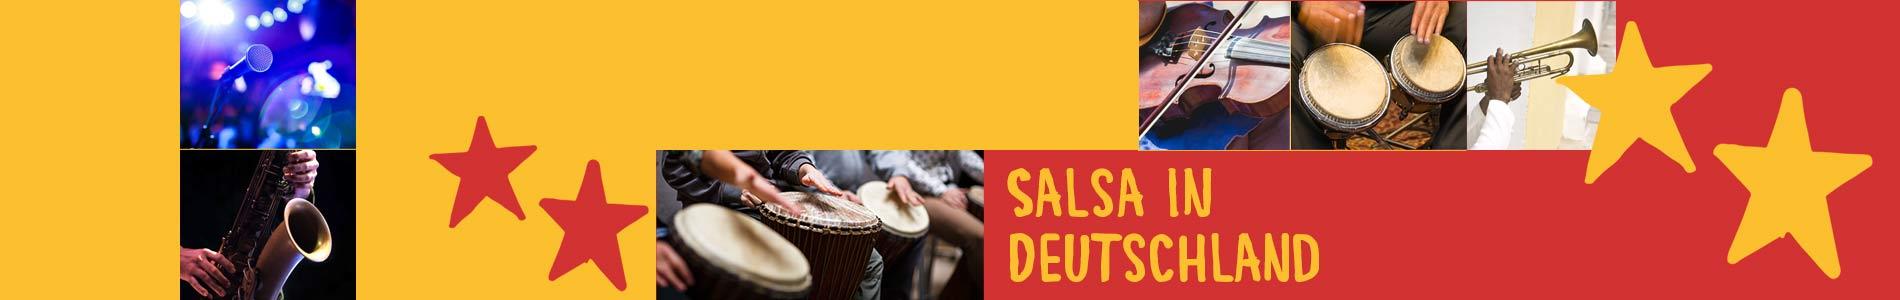 Salsa in Dallgow-Döberitz – Salsa lernen und tanzen, Tanzkurse, Partys, Veranstaltungen